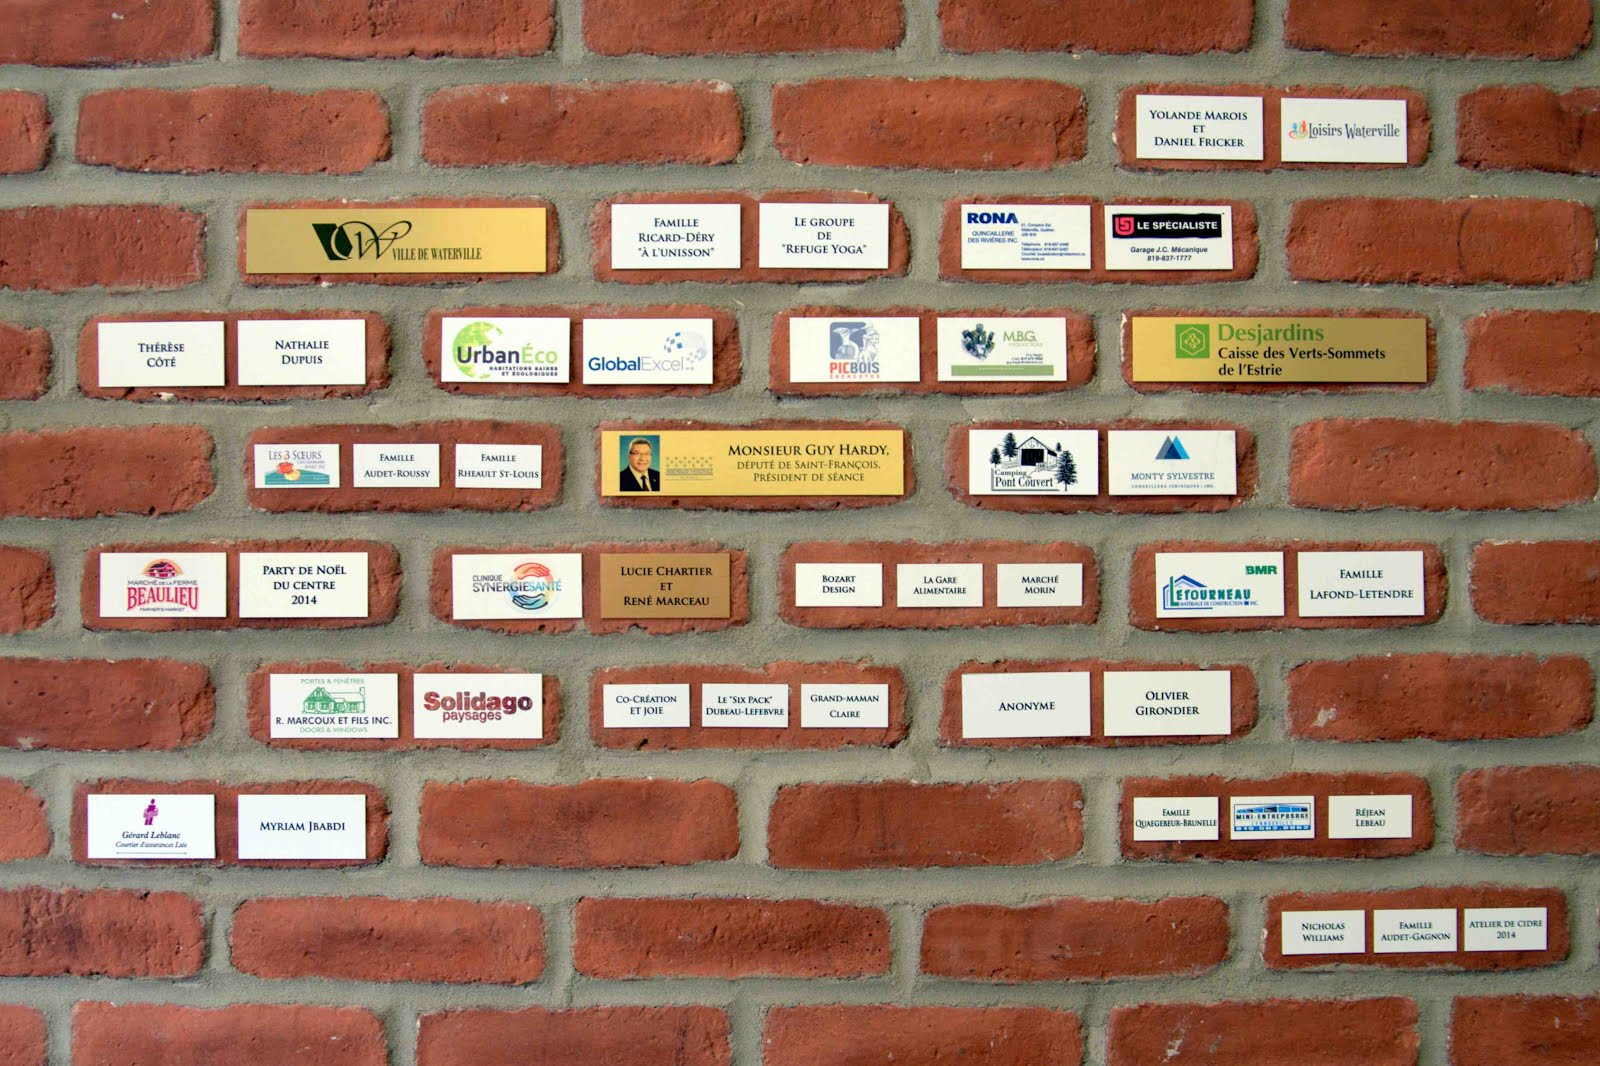 Mur des bâtisseurs